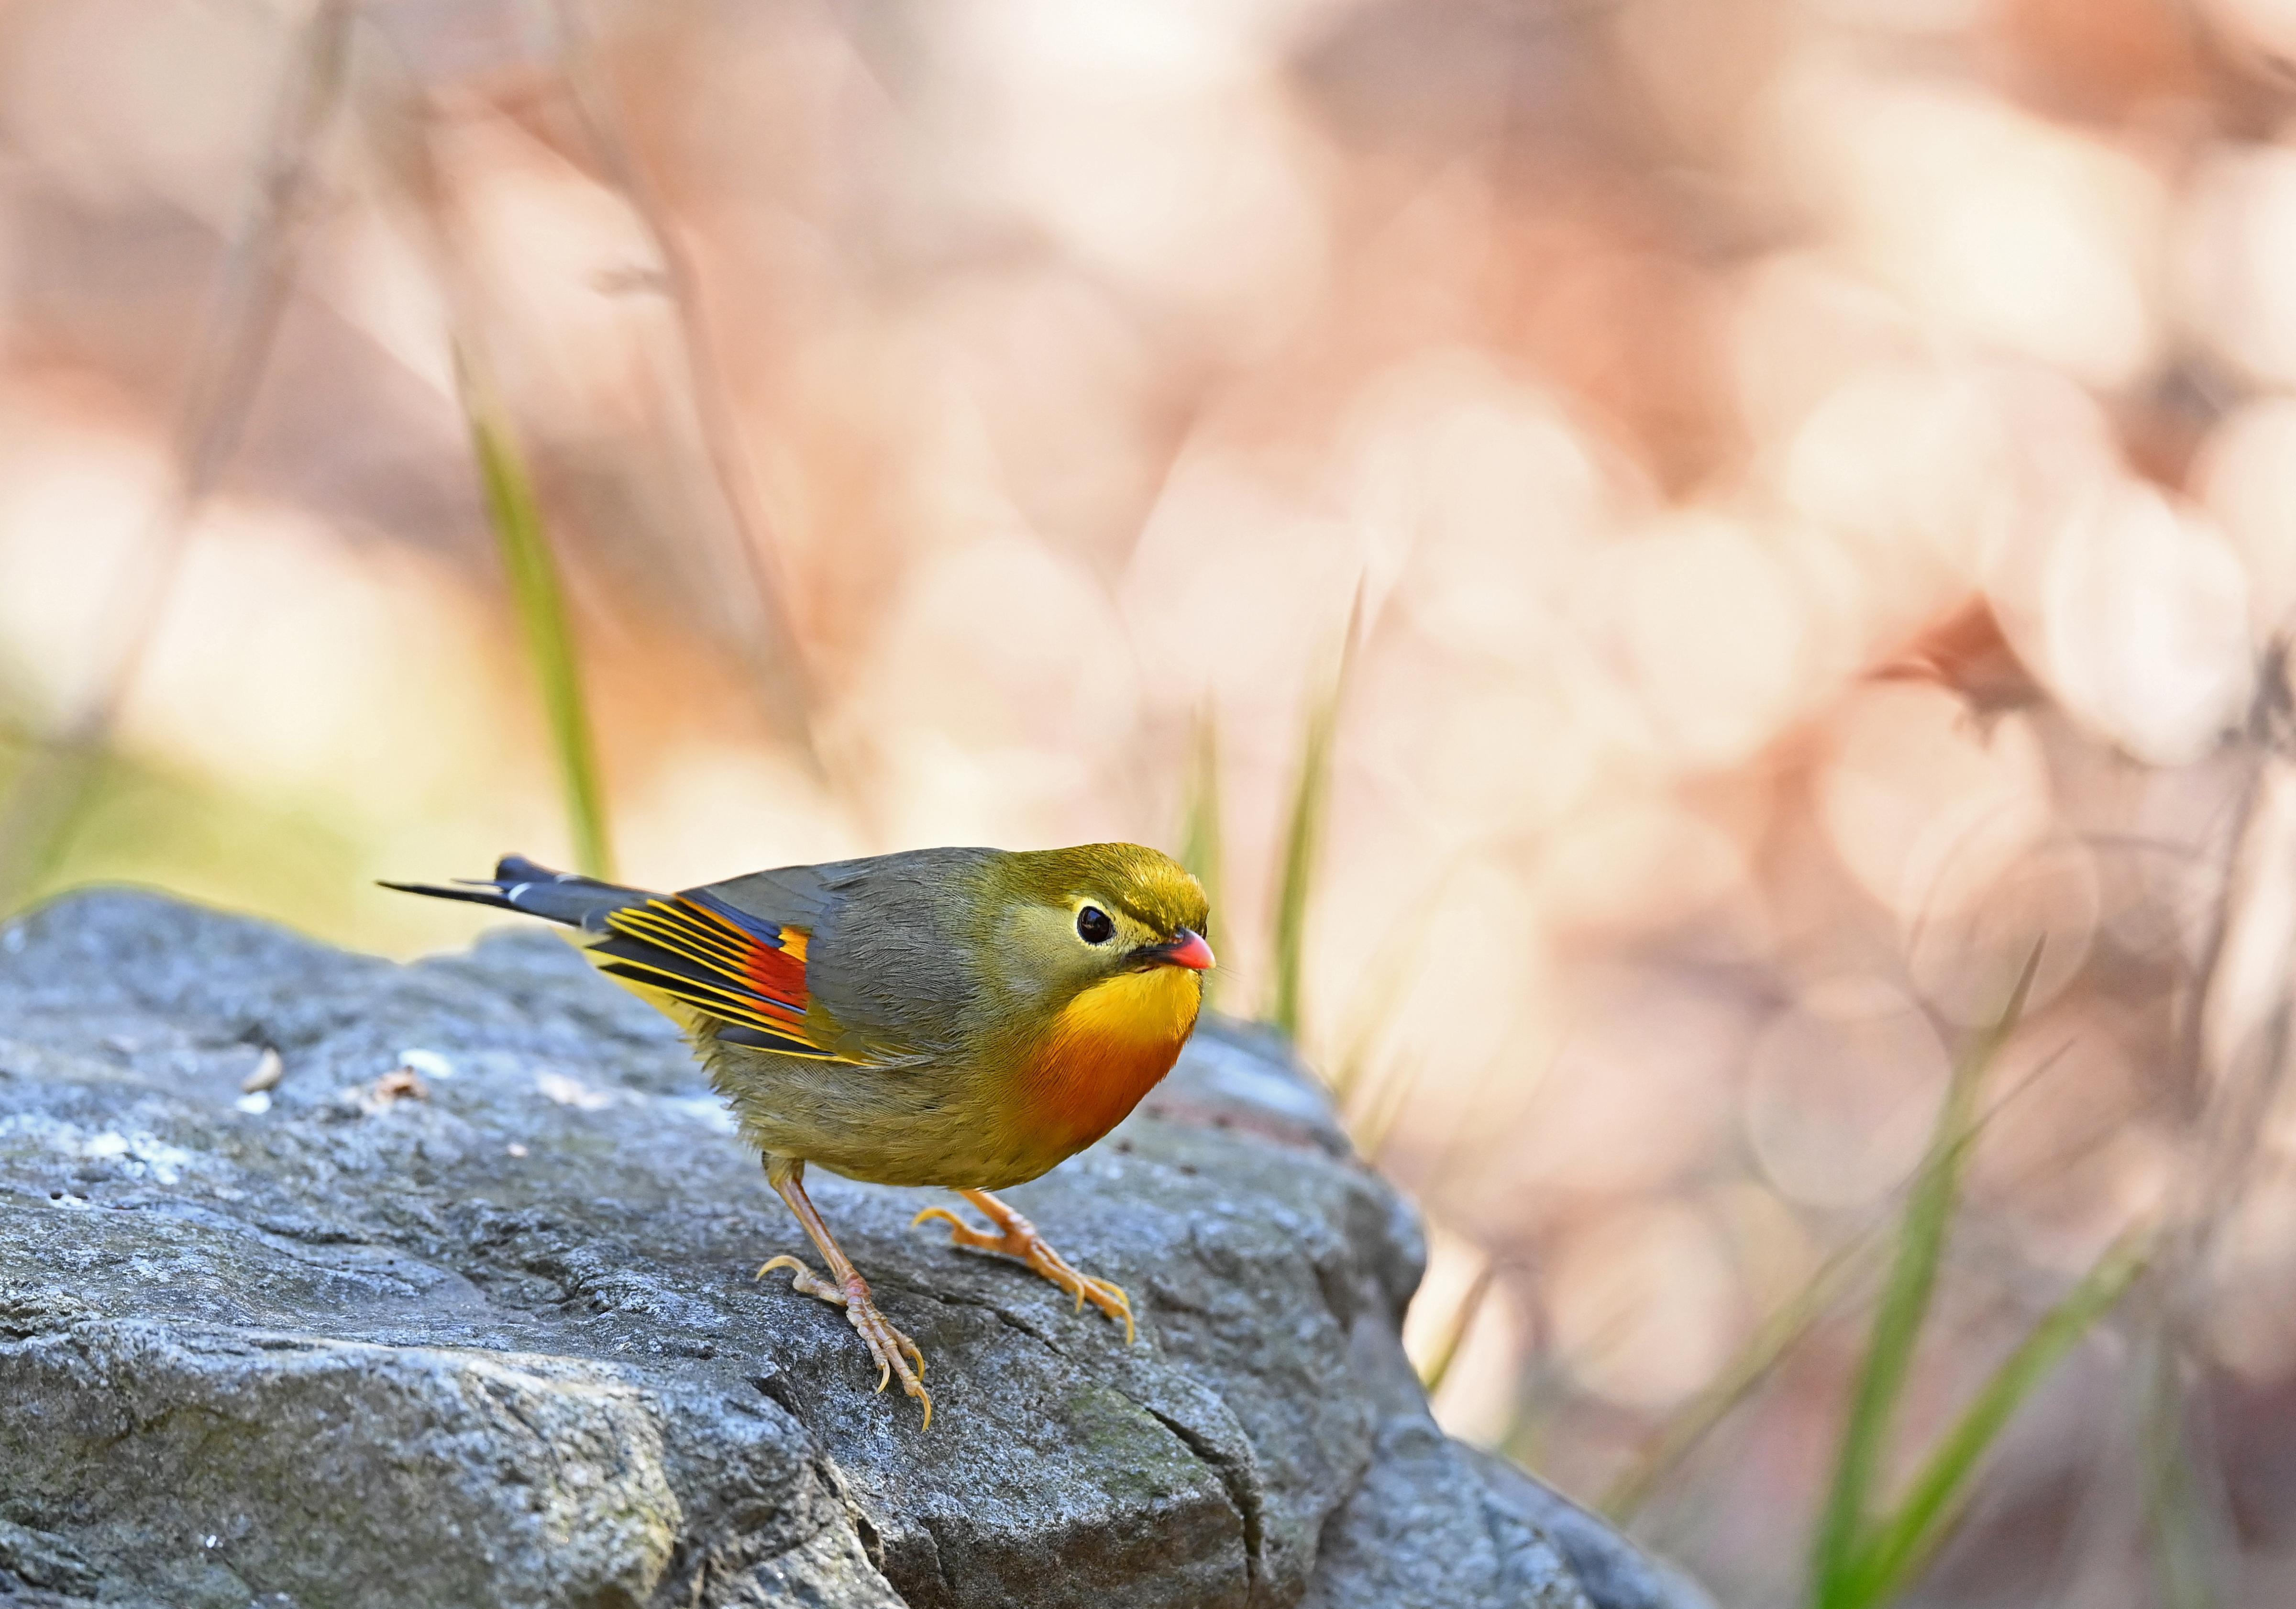 ガリちゃんの鳥撮り記 長期滞在中のソウシチョウ